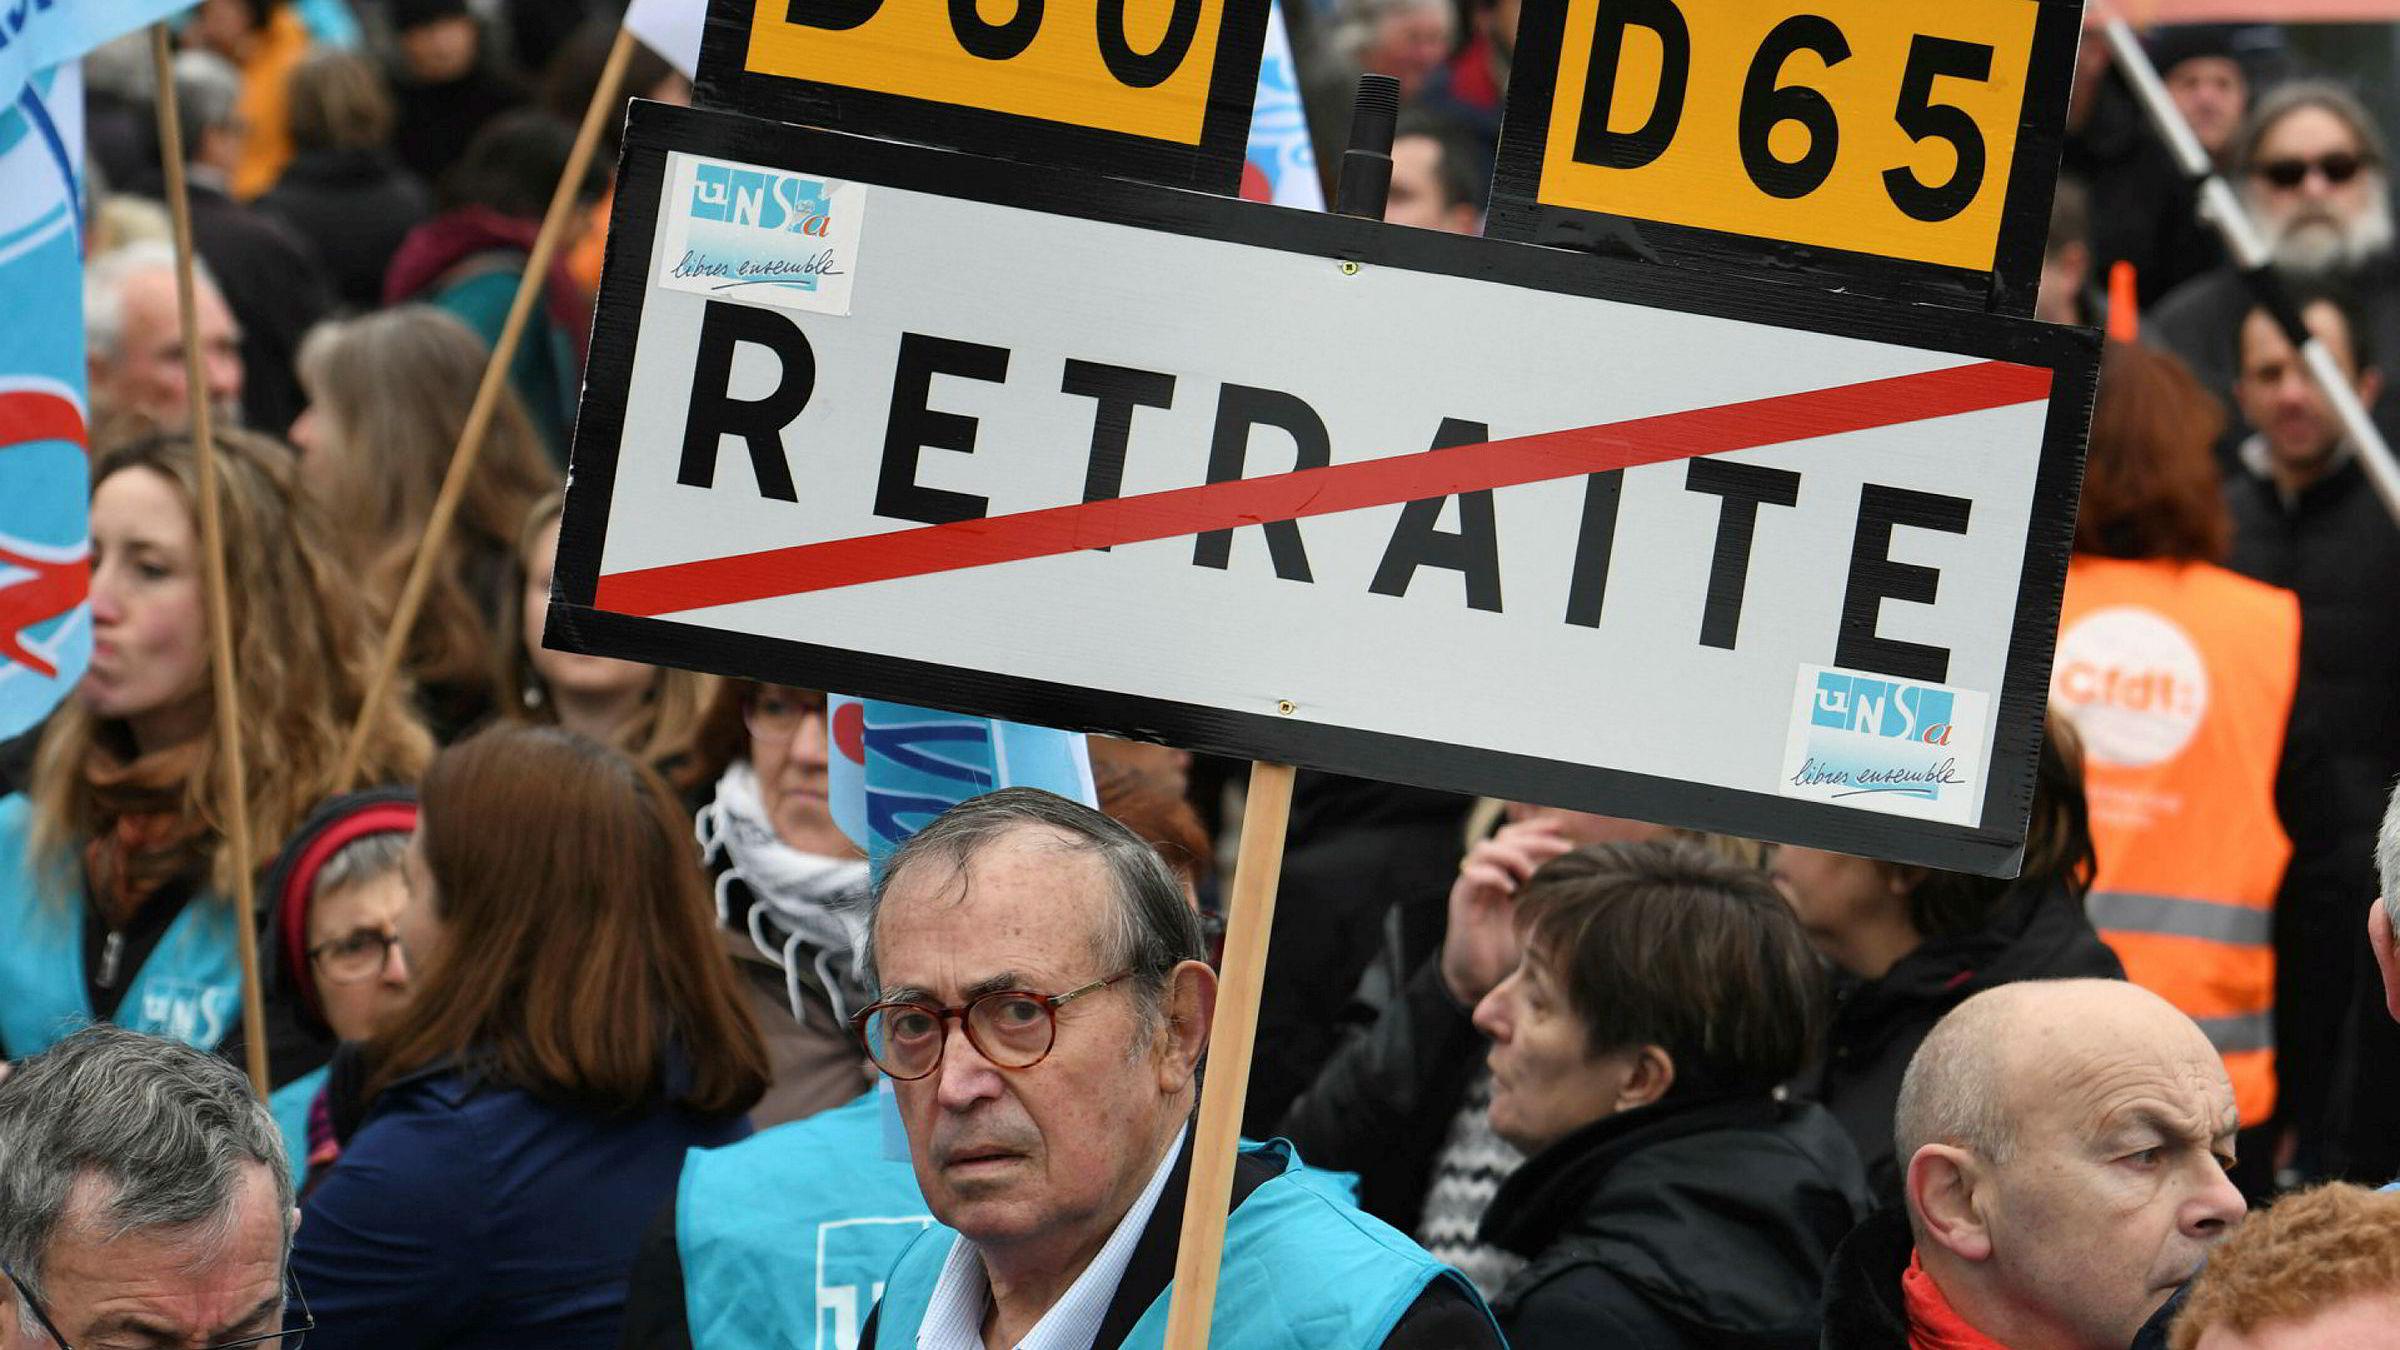 Arbeidere i offentlig sektor i Frankrike er klare for å gå ut i streik fra torsdag. Her fra en demonstrasjon mot reformer i byen i Brest, nordvest i Frankrike.